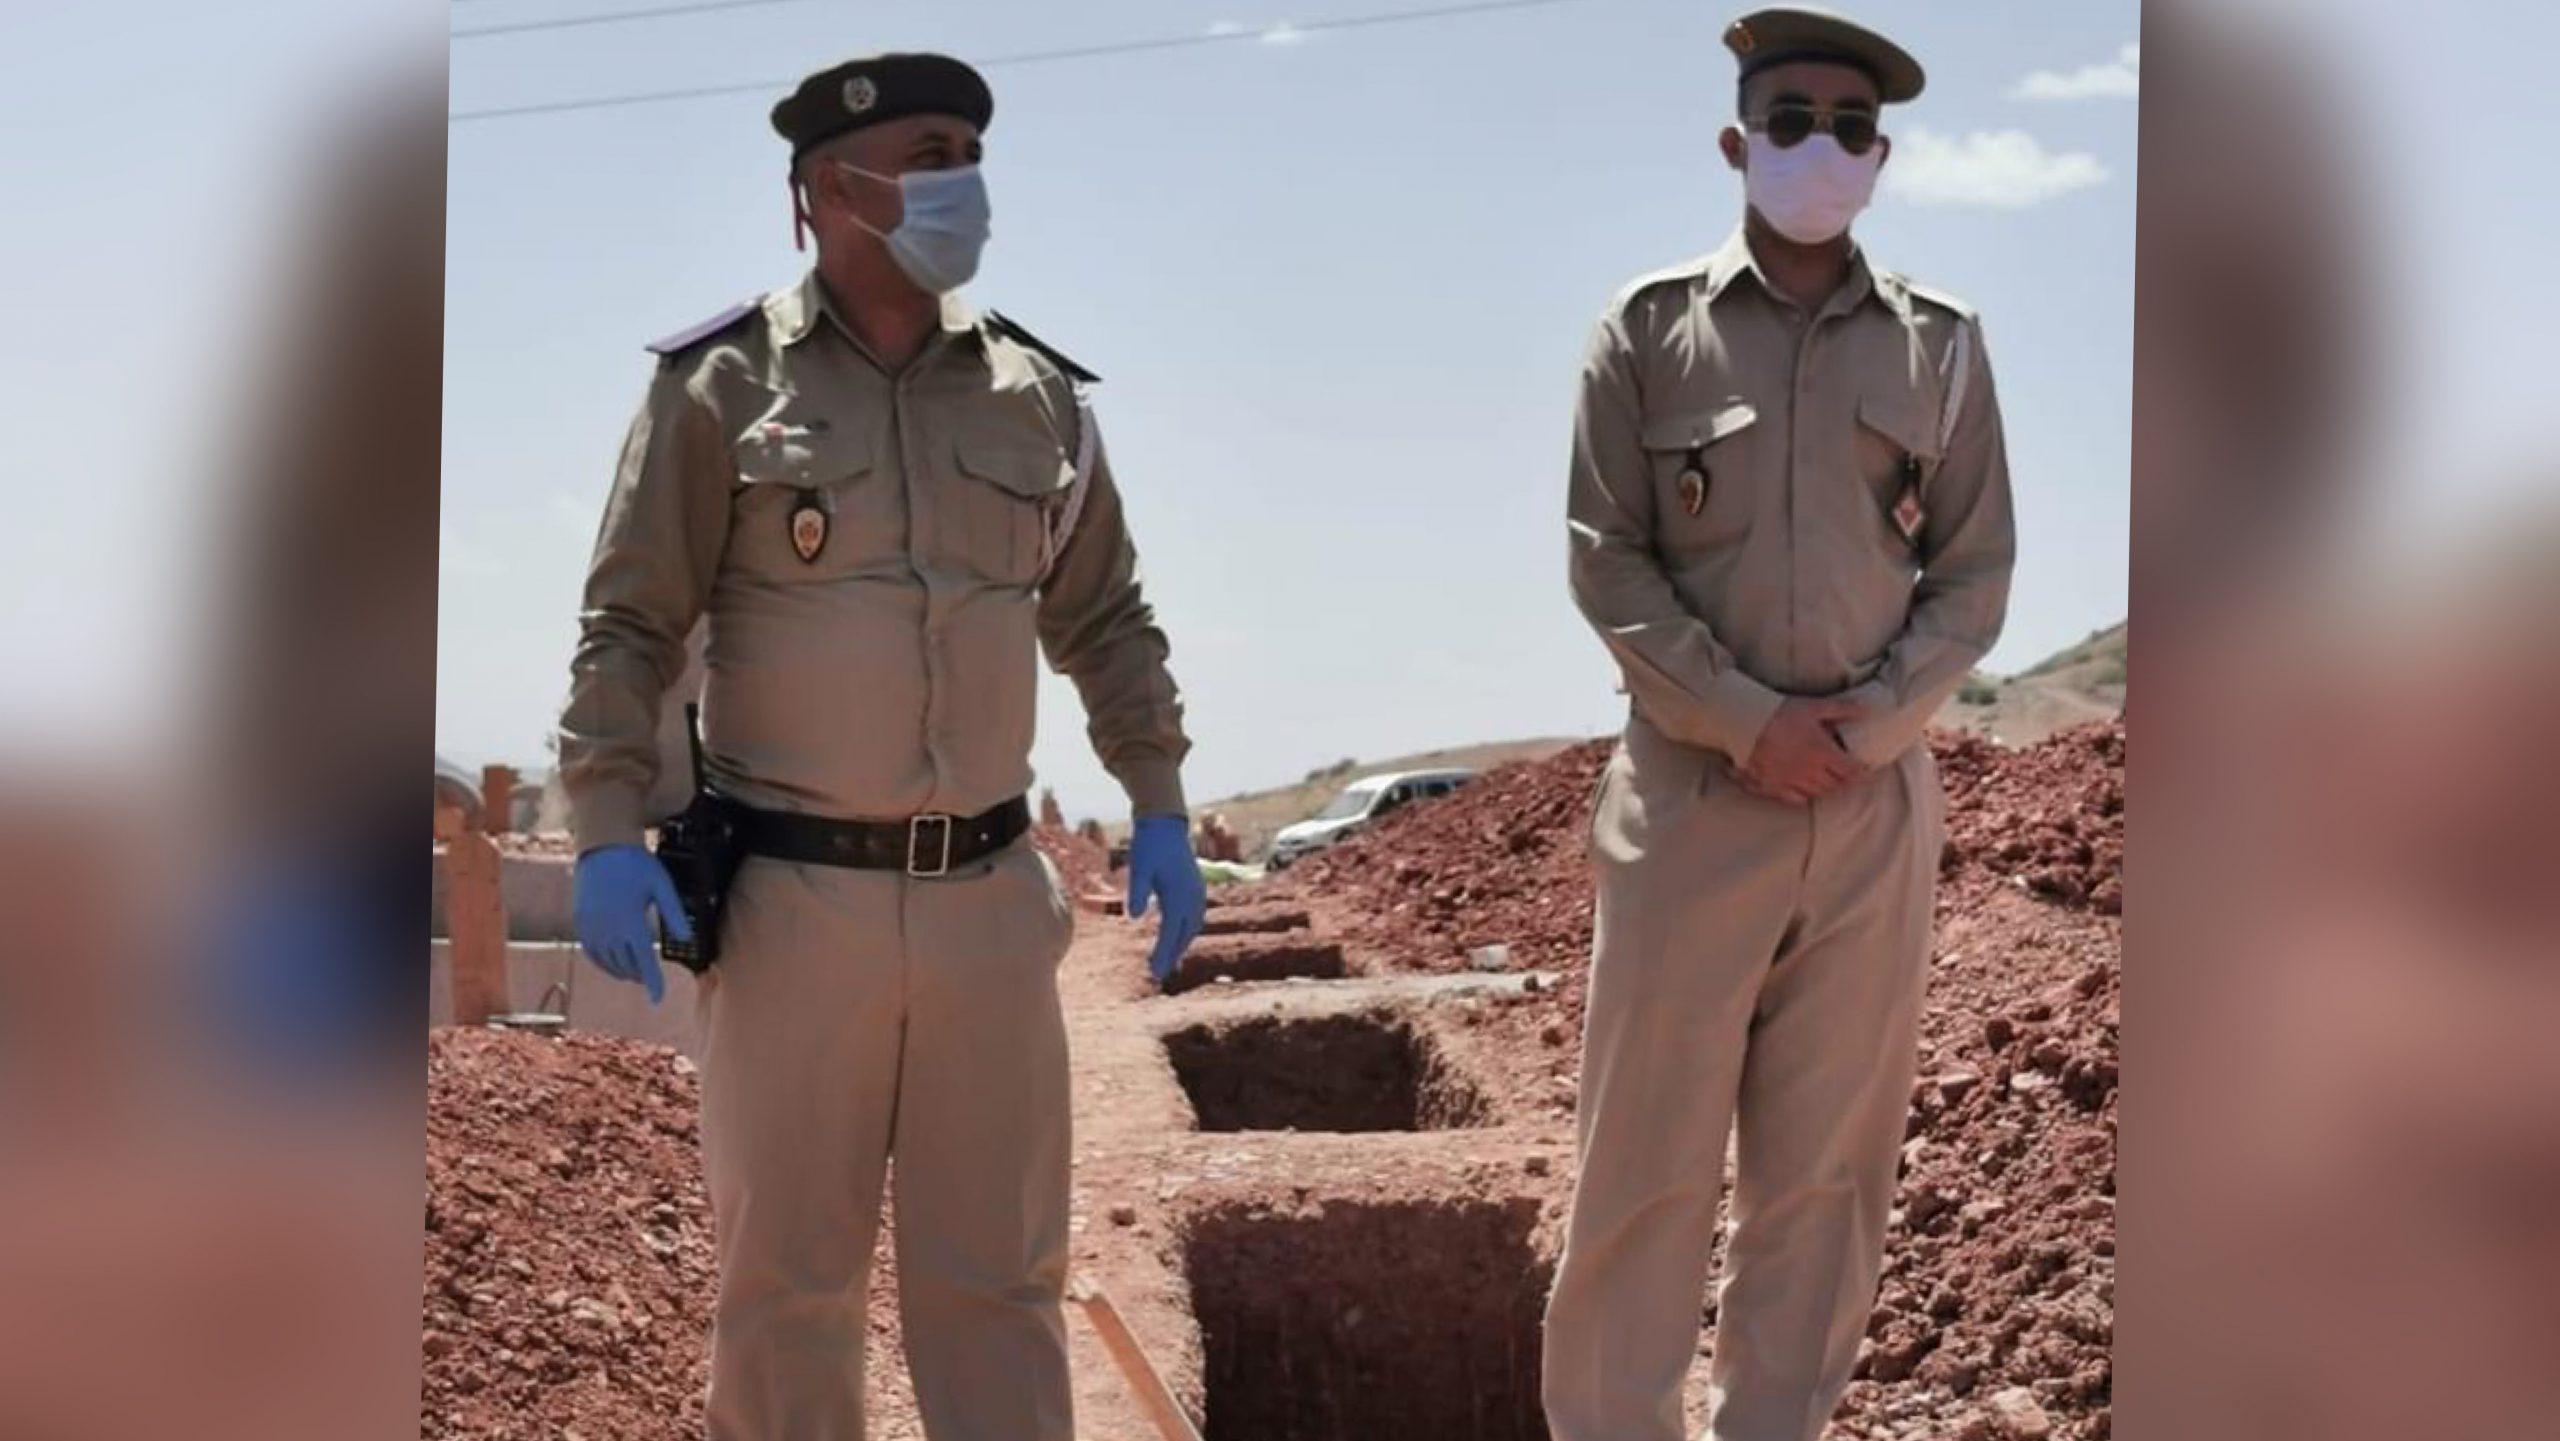 صورة حصيلة قياسية | تسجيل أعلى حصيلة لعدد الإصابات بفيروس كورونا في المغرب